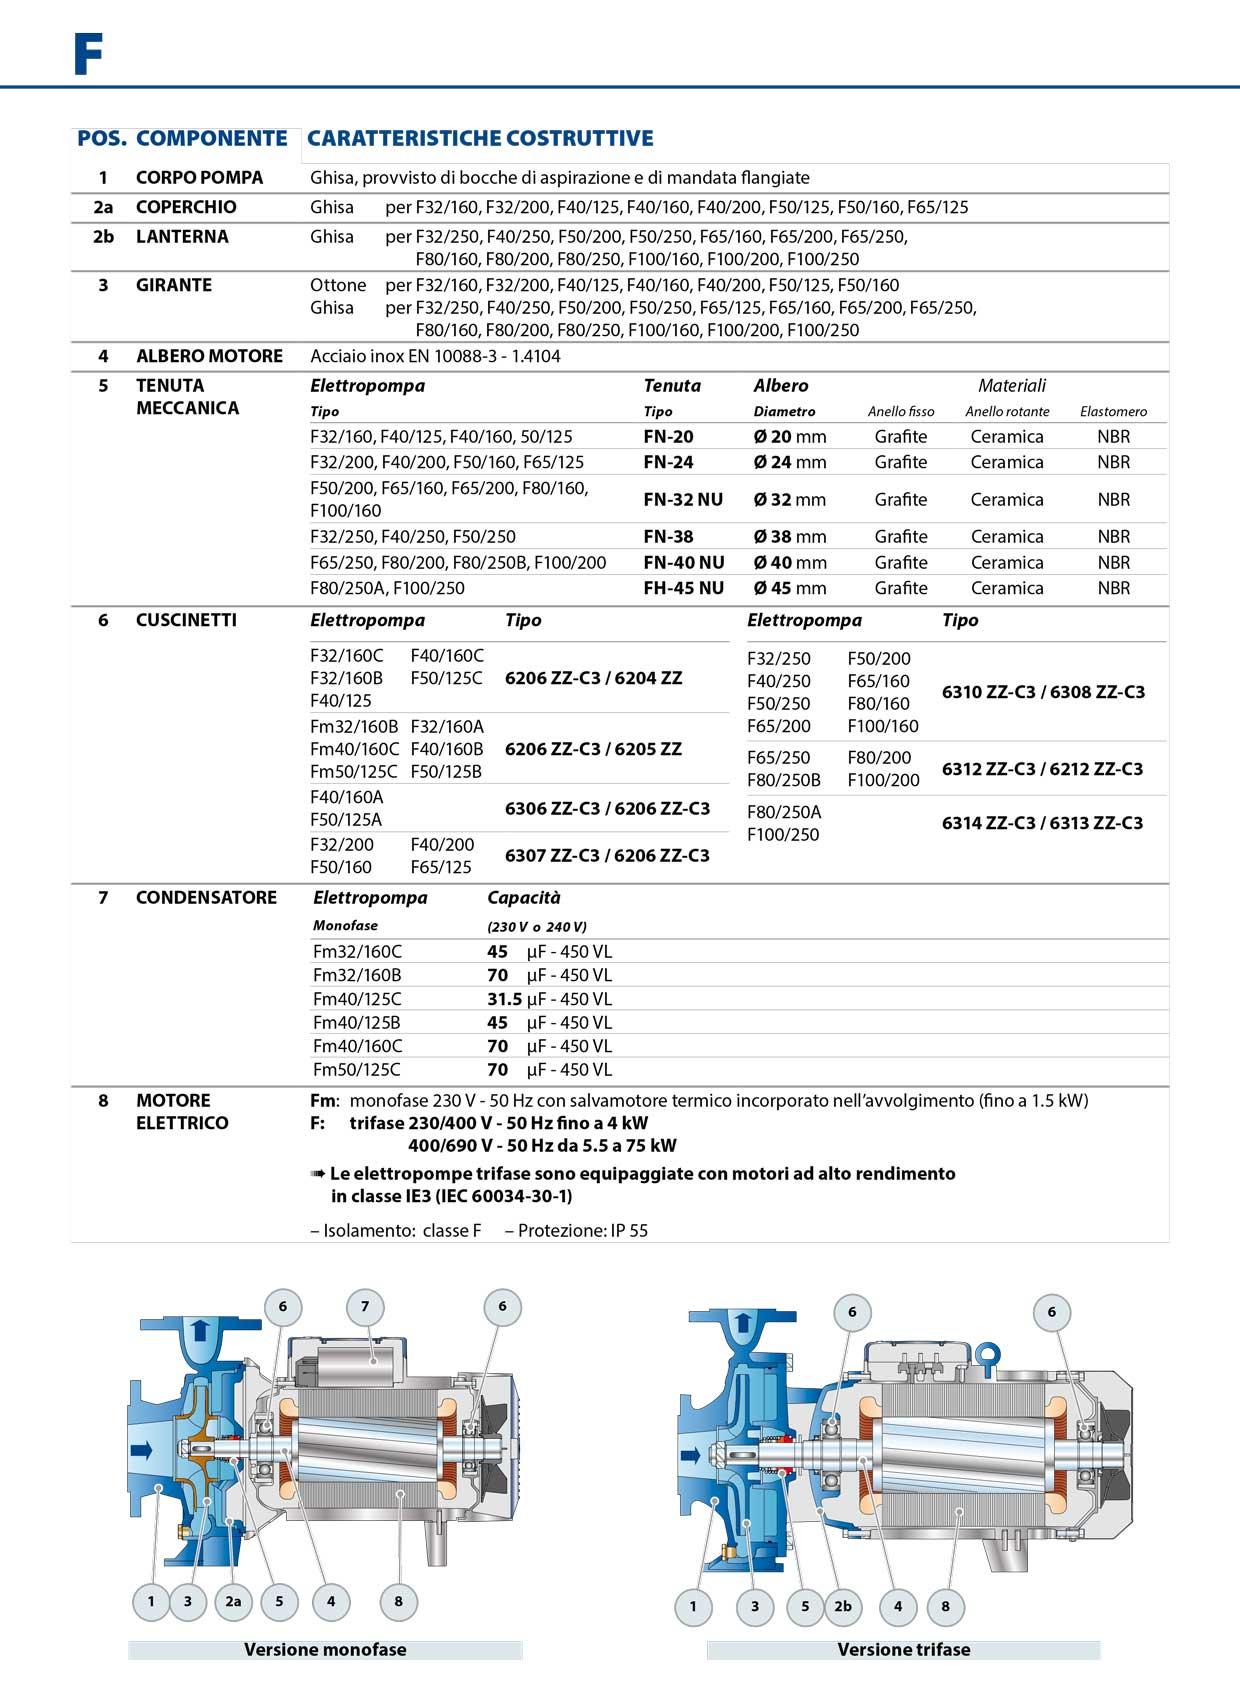 Pompa Pedrollo F 32/250C POSIZIONE COMPONENTE E CARATTERISTICHE COSTRUTTIVE